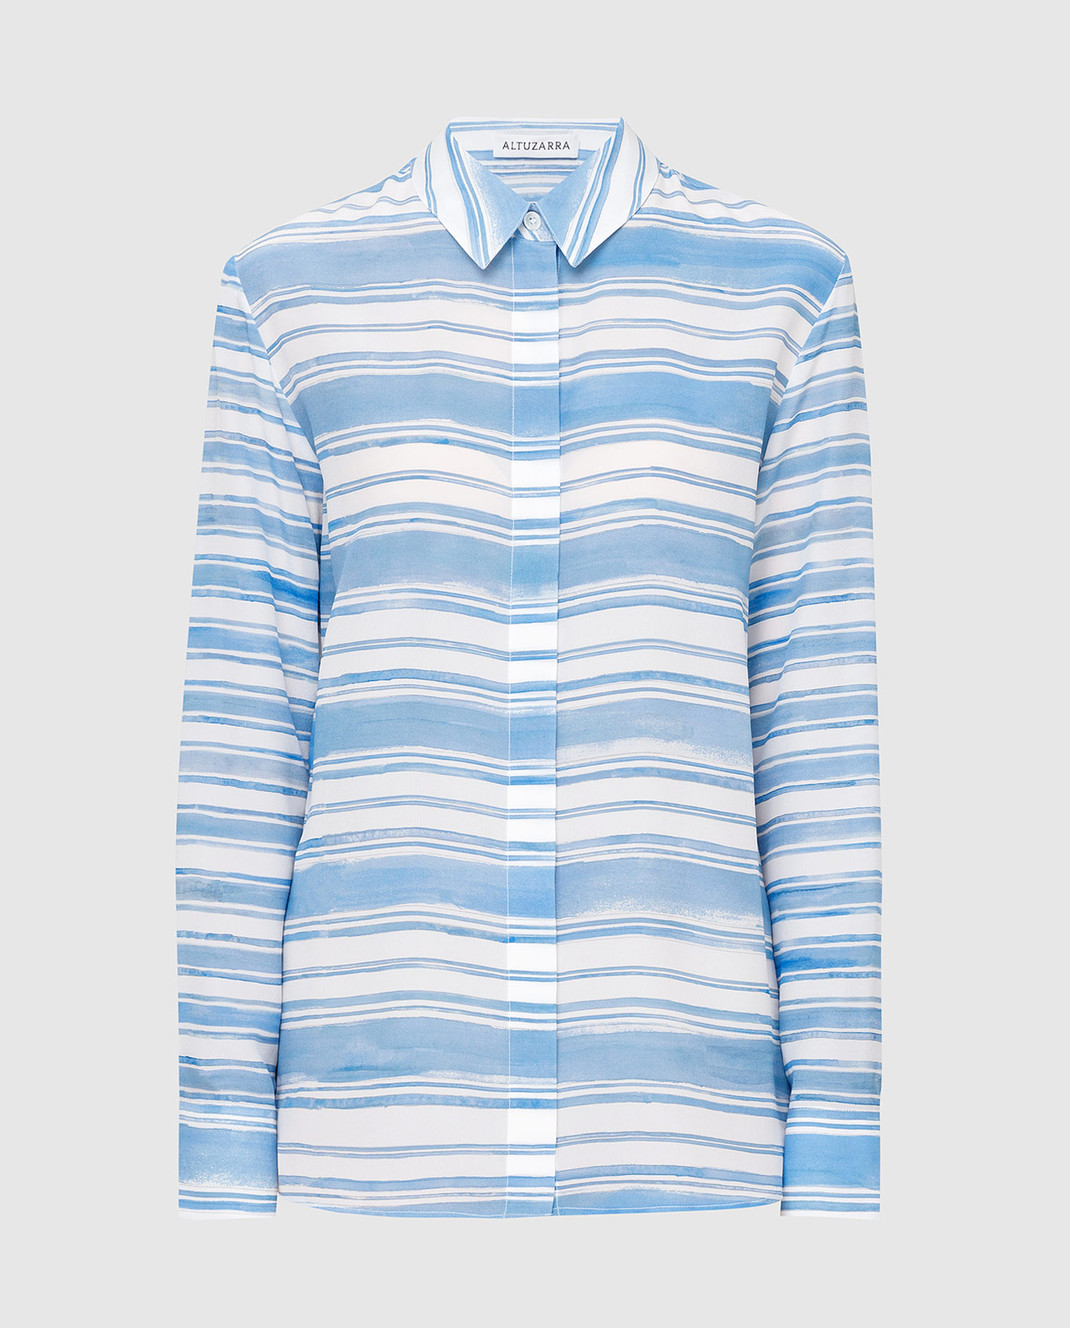 Altuzarra Голубая рубашка из шелка изображение 1